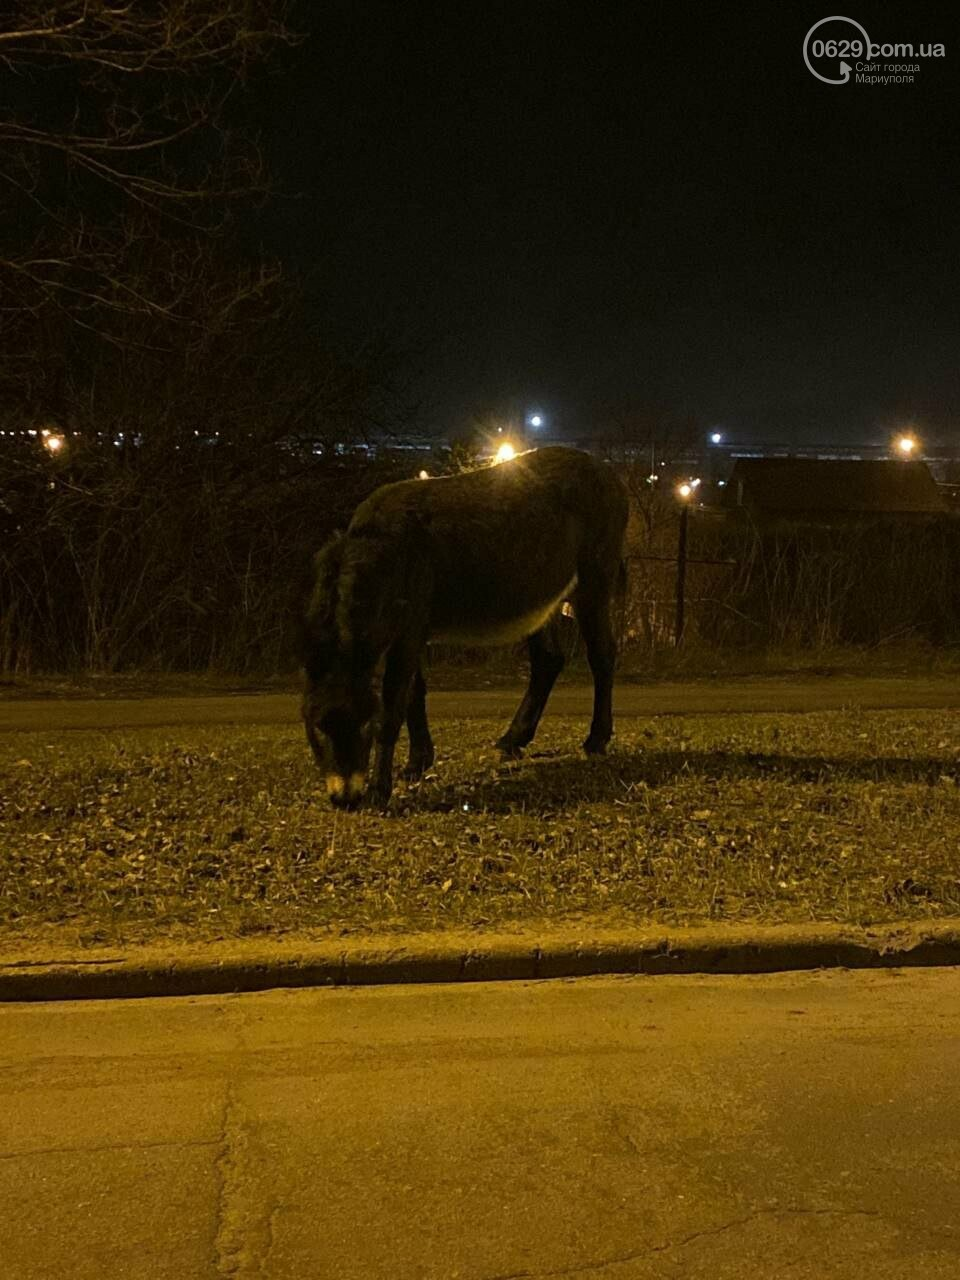 Мариупольских водителей напугали два осла, - ФОТО, фото-2